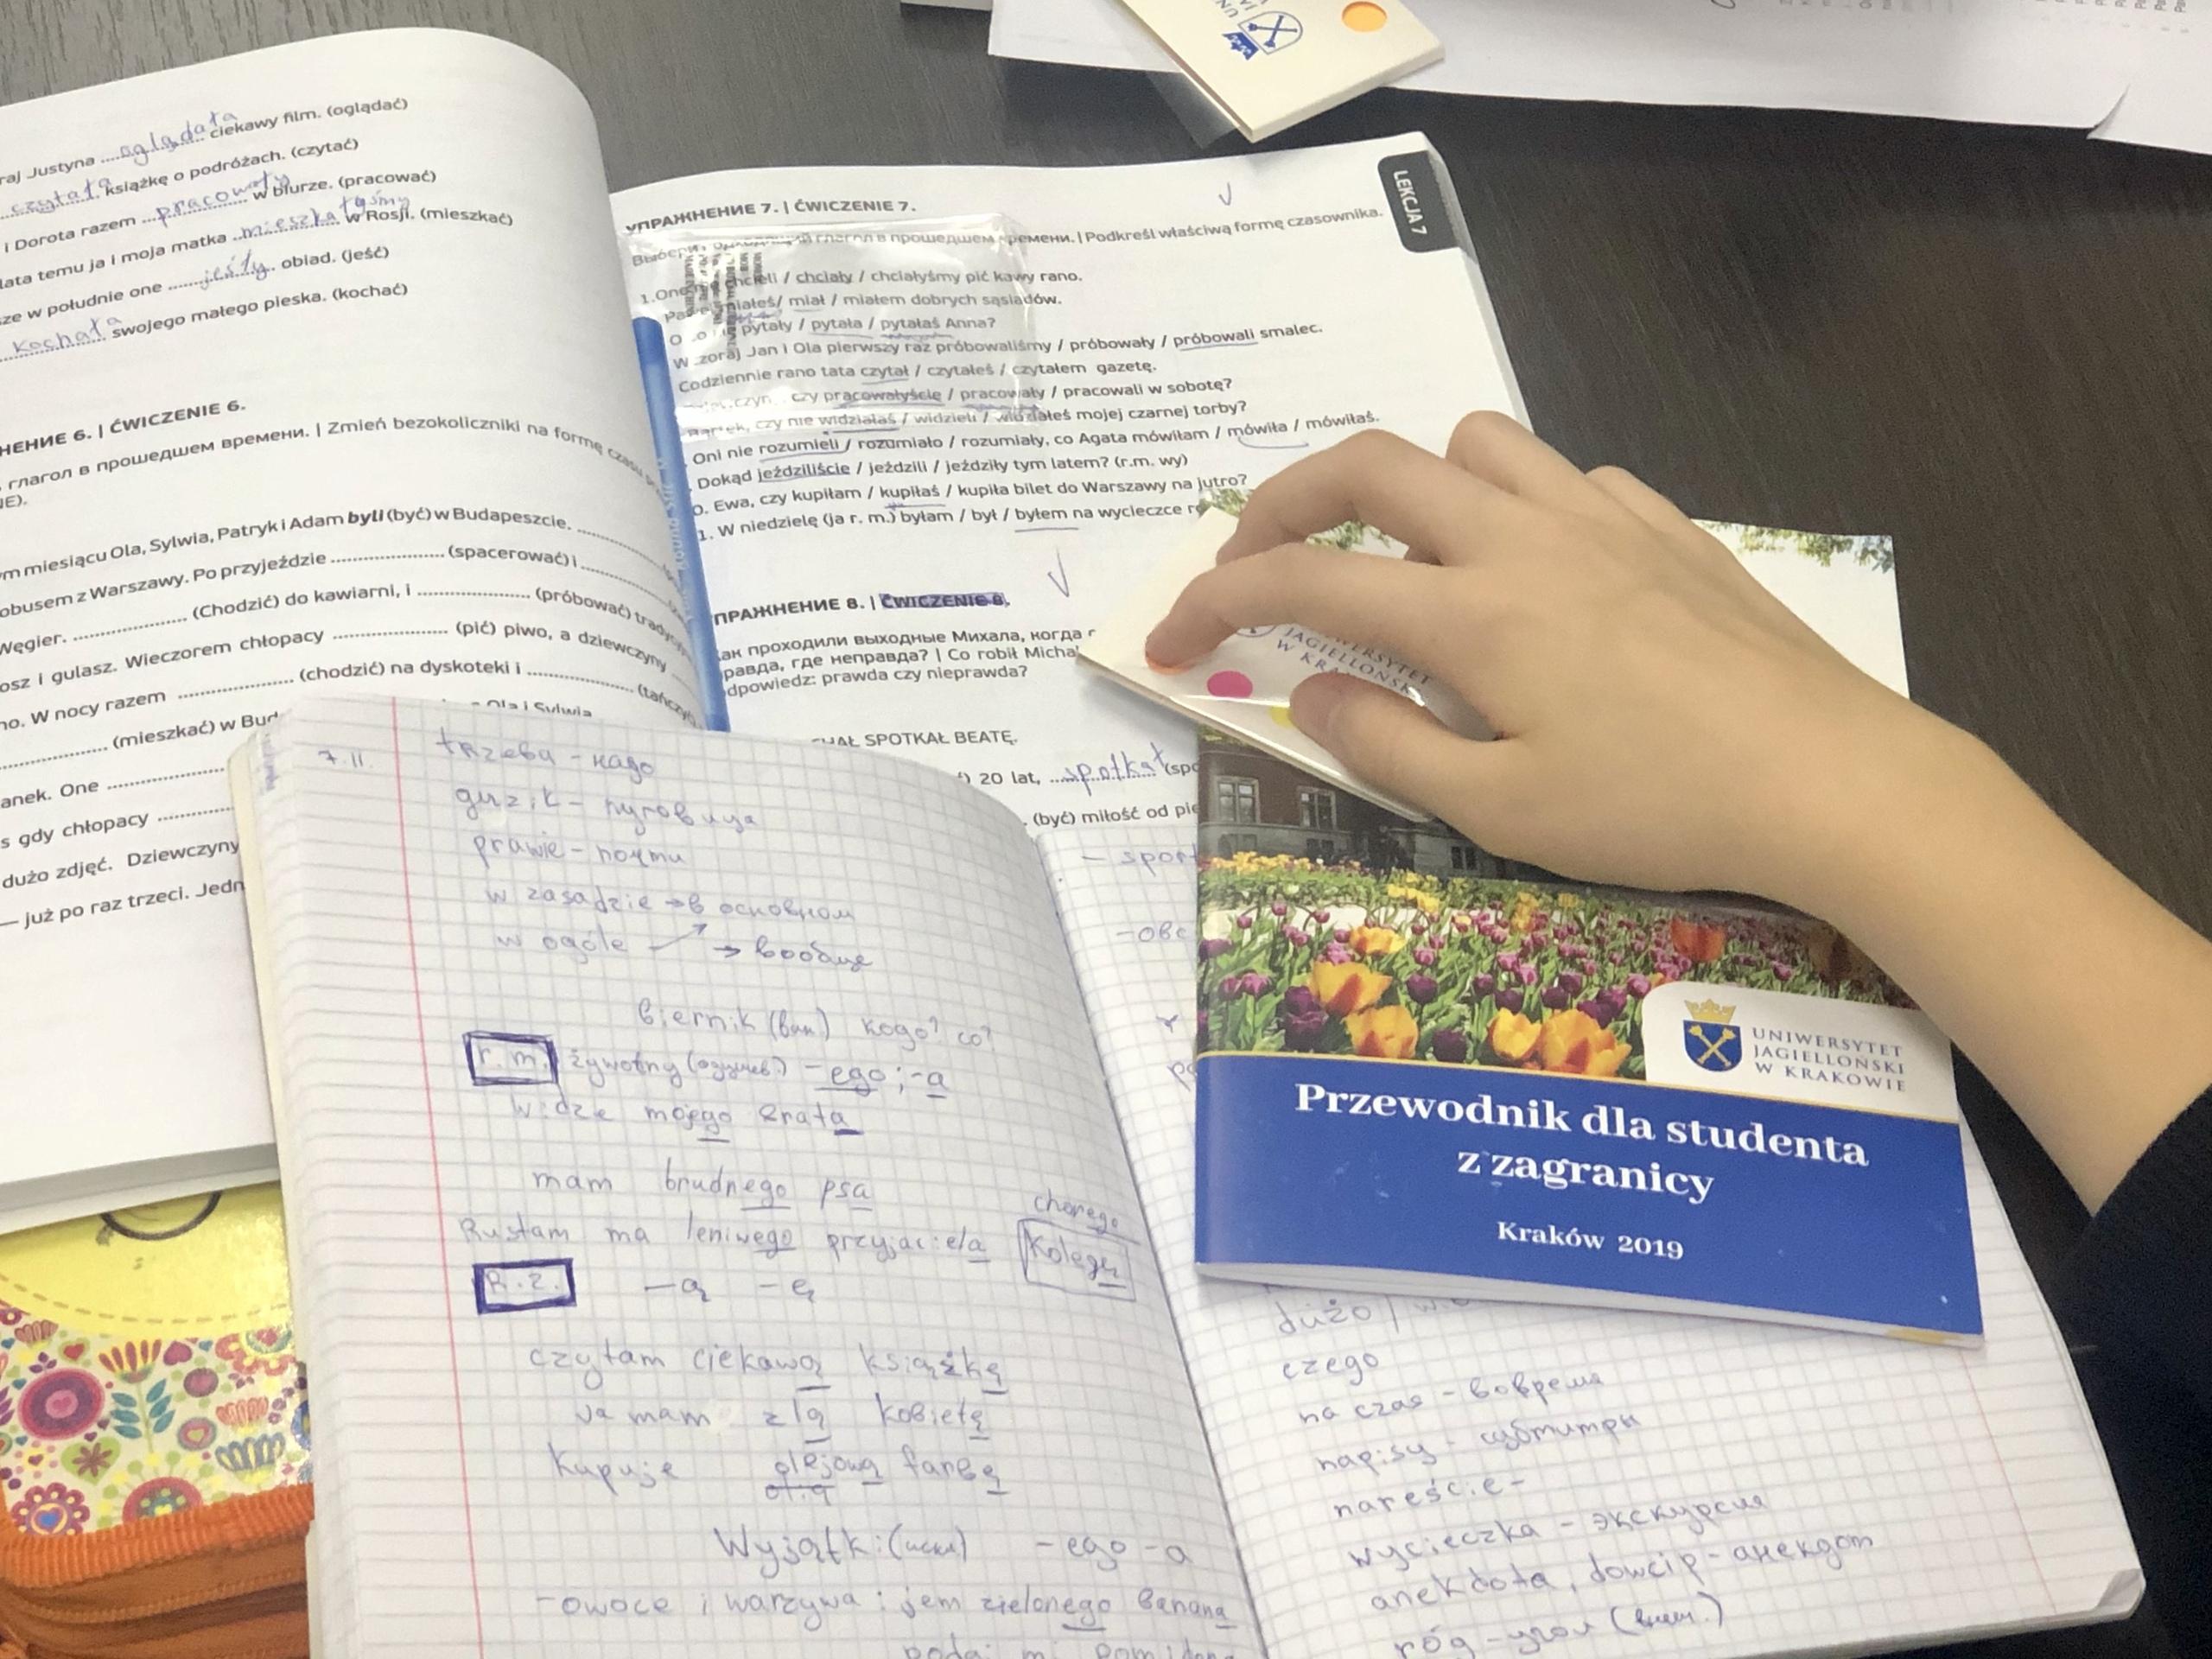 Продолжаем набор на курсы польского языка в Калининграде